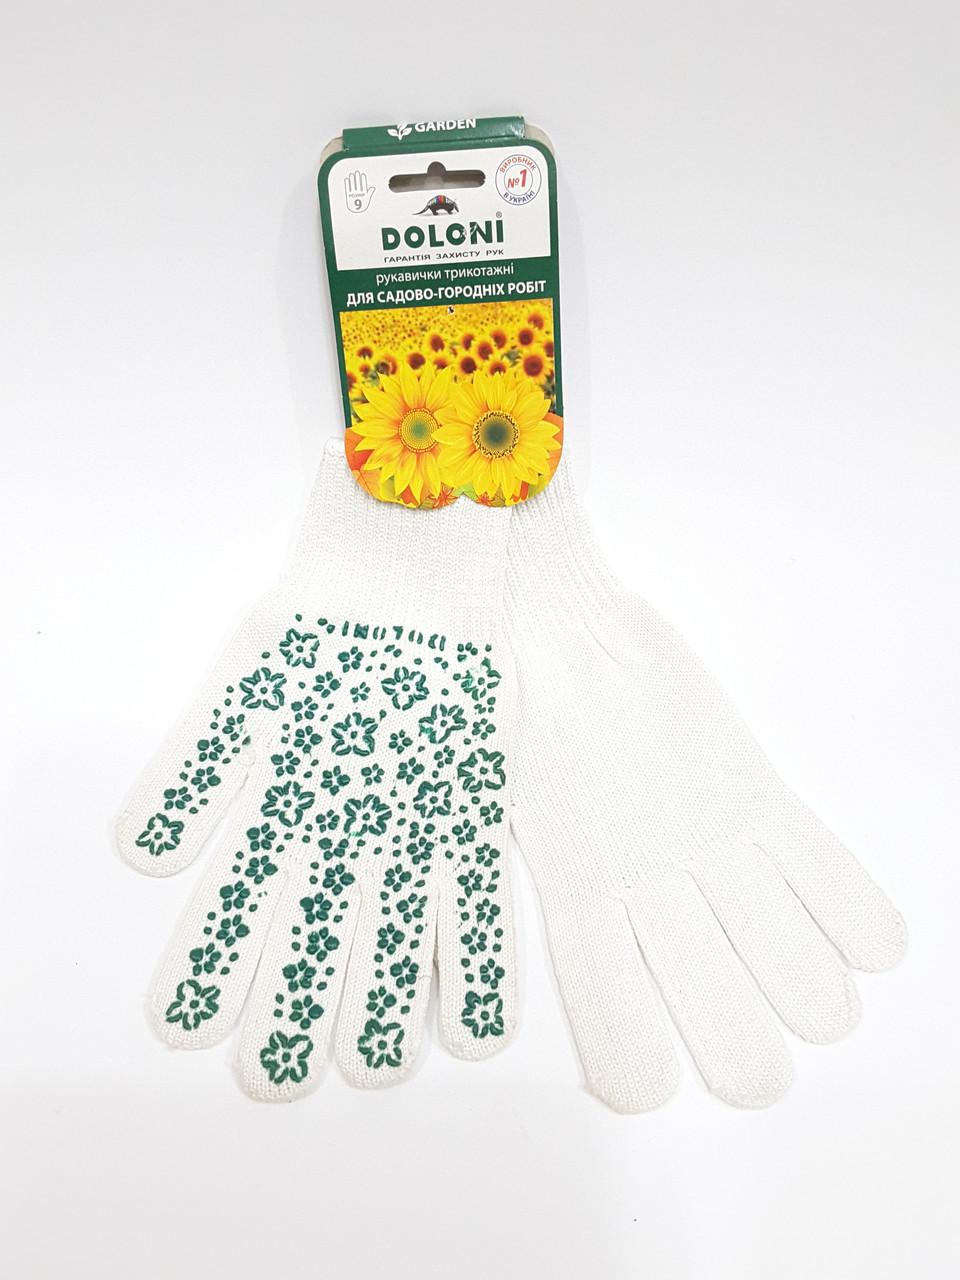 Перчатки трикотажные Doloni женские белые Цветы